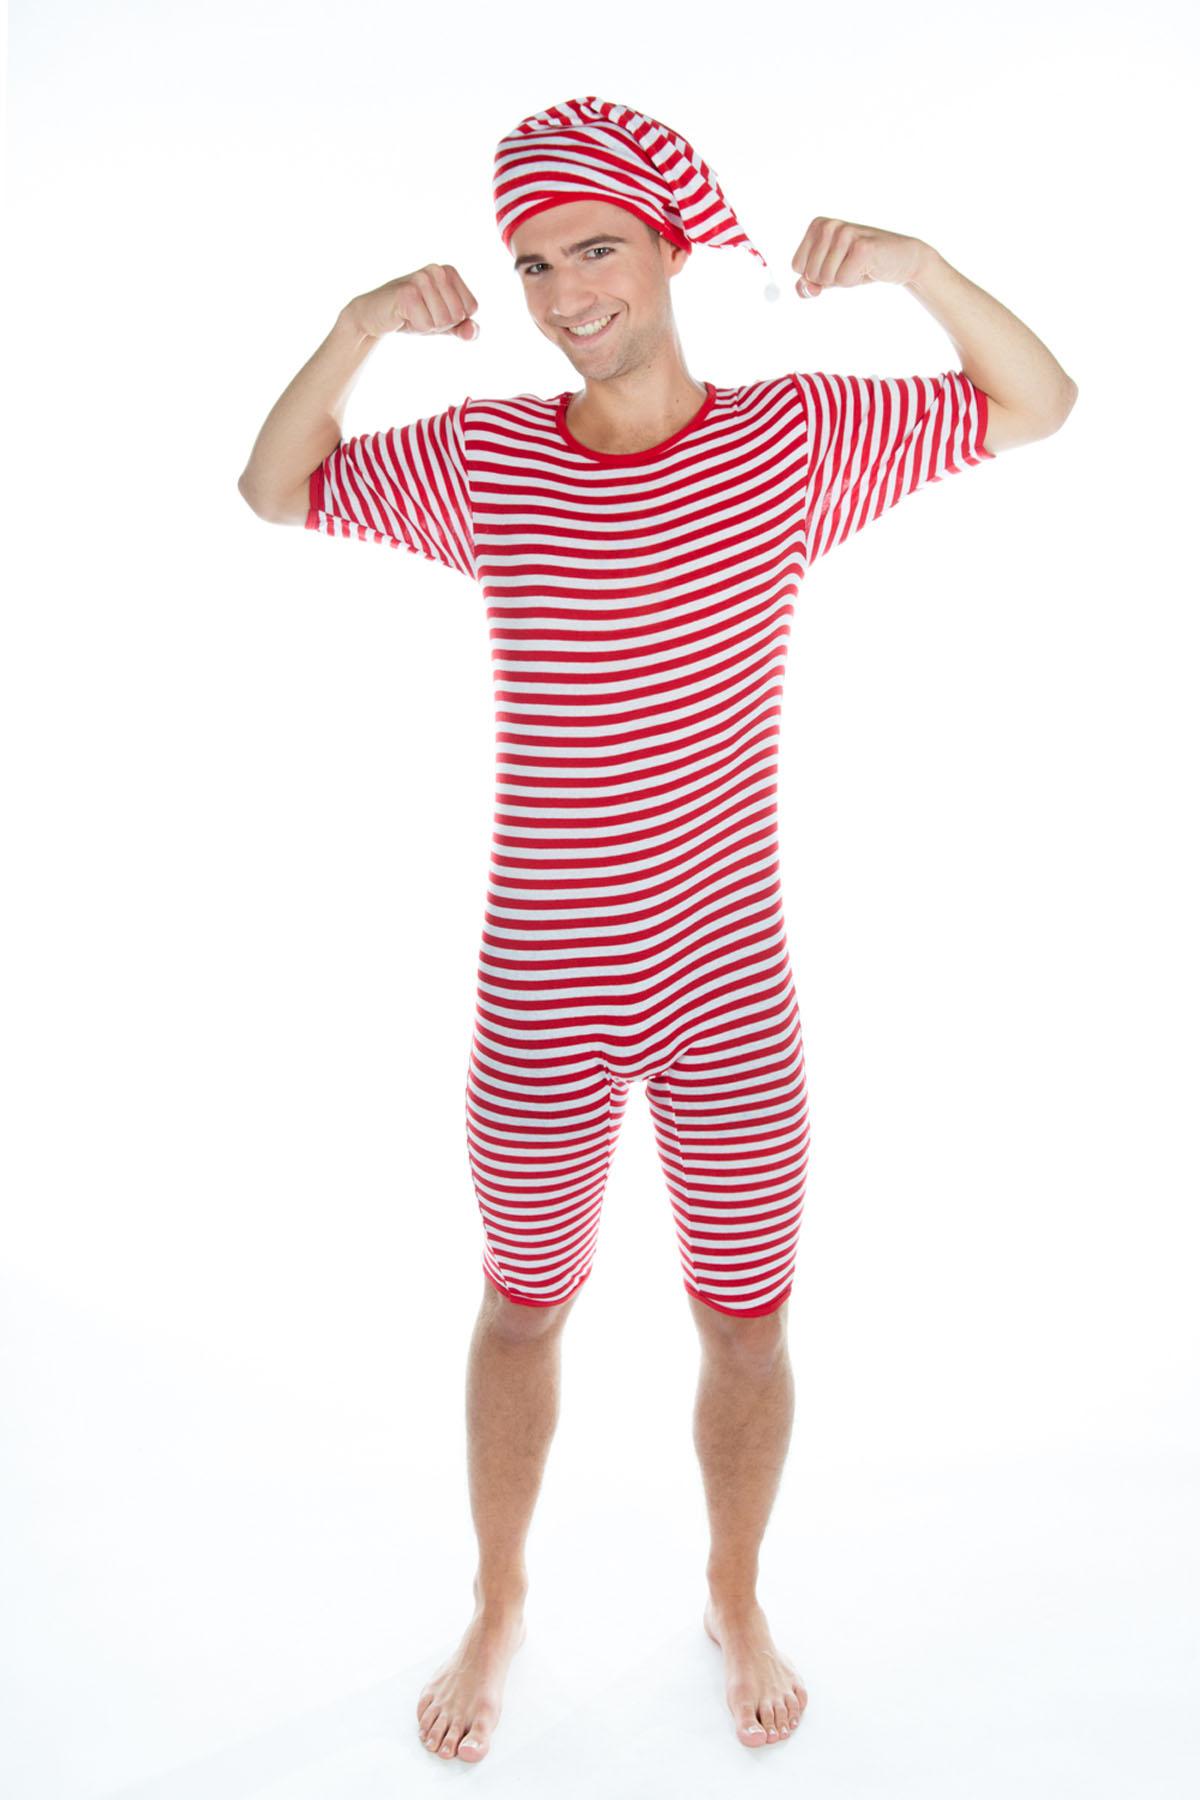 Kids' Clothing, Shoes & Accs Wollmütze Strickmütze Totenkopf Rot/weiß Sonderangebot